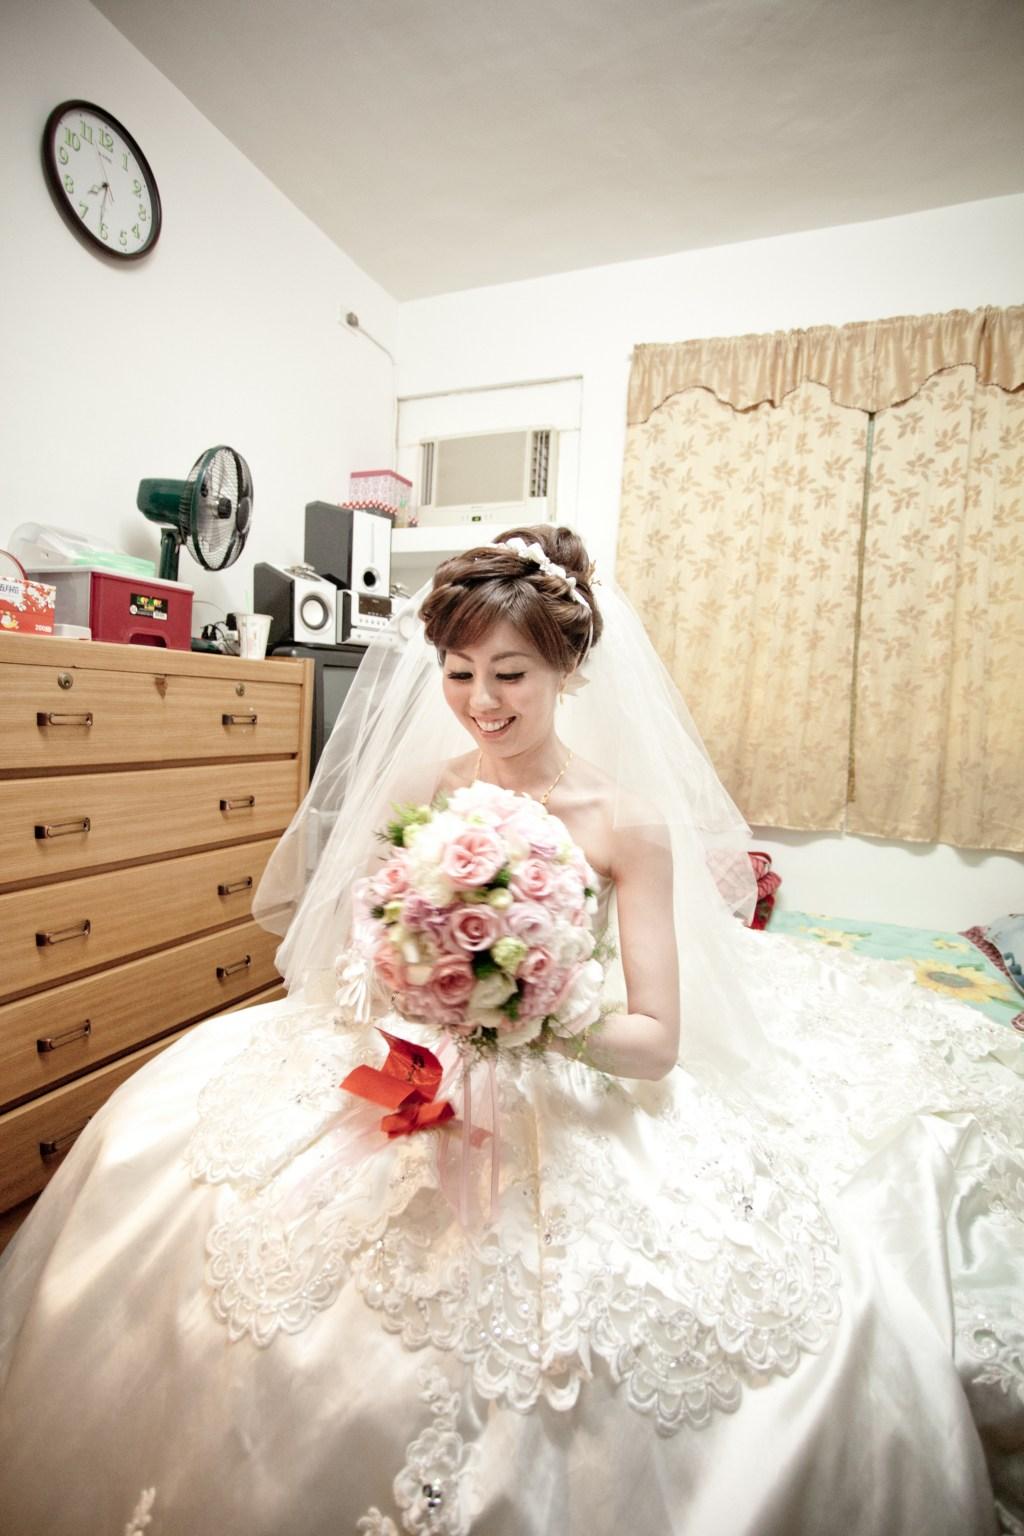 台北 婚禮攝影,婚攝推薦,婚禮記錄 推薦